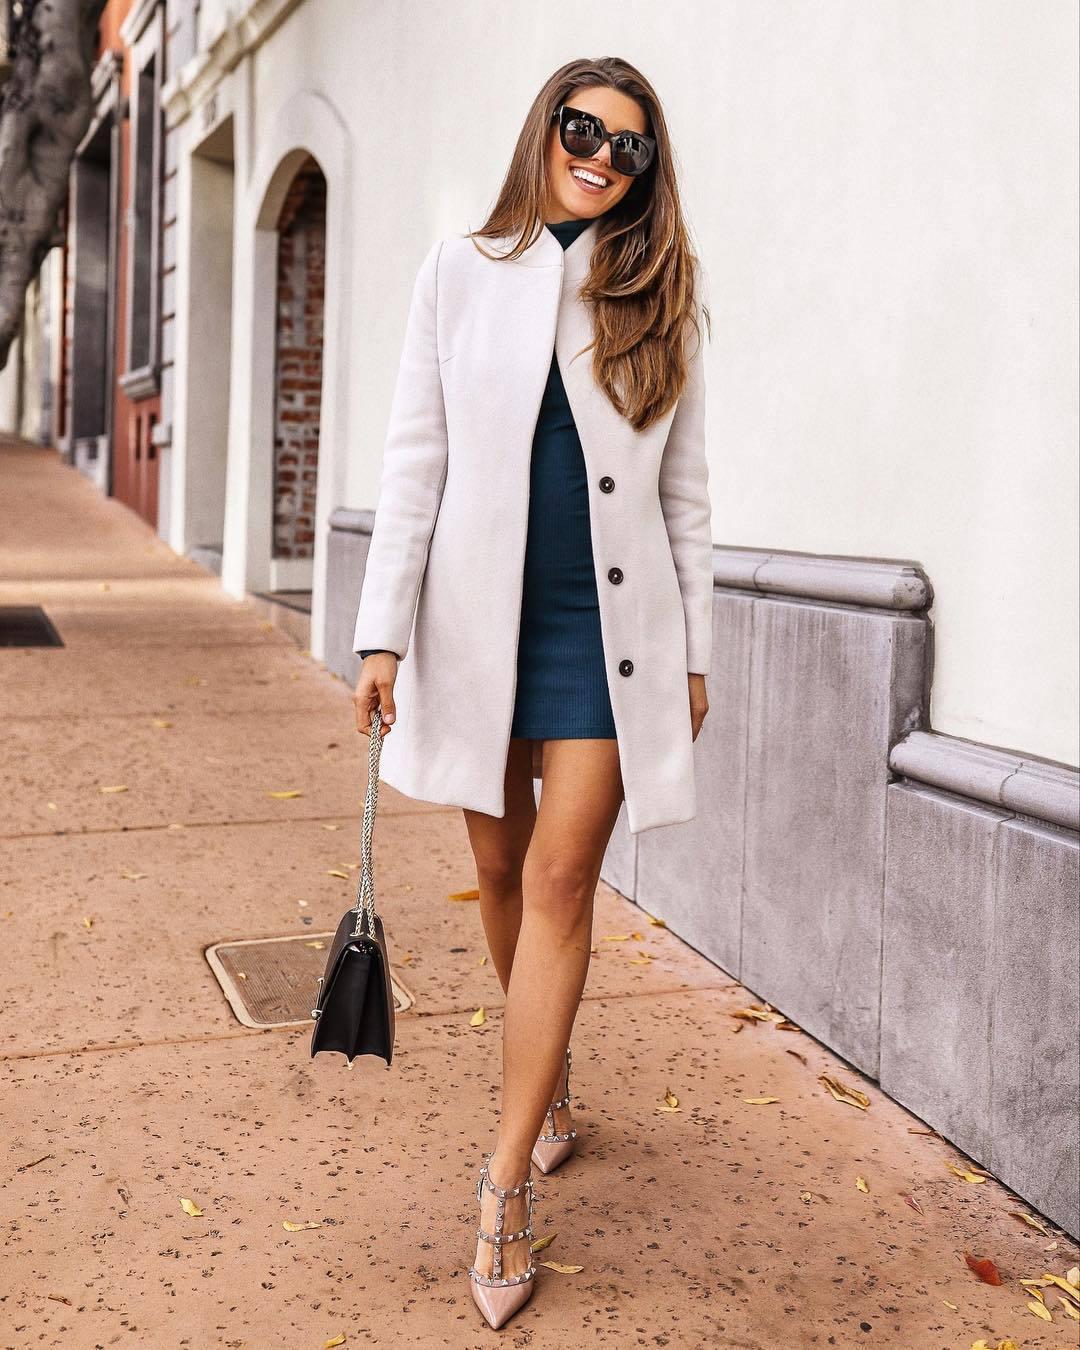 dress turtleneck dress mini dress pumps black bag white coat black sunglasses